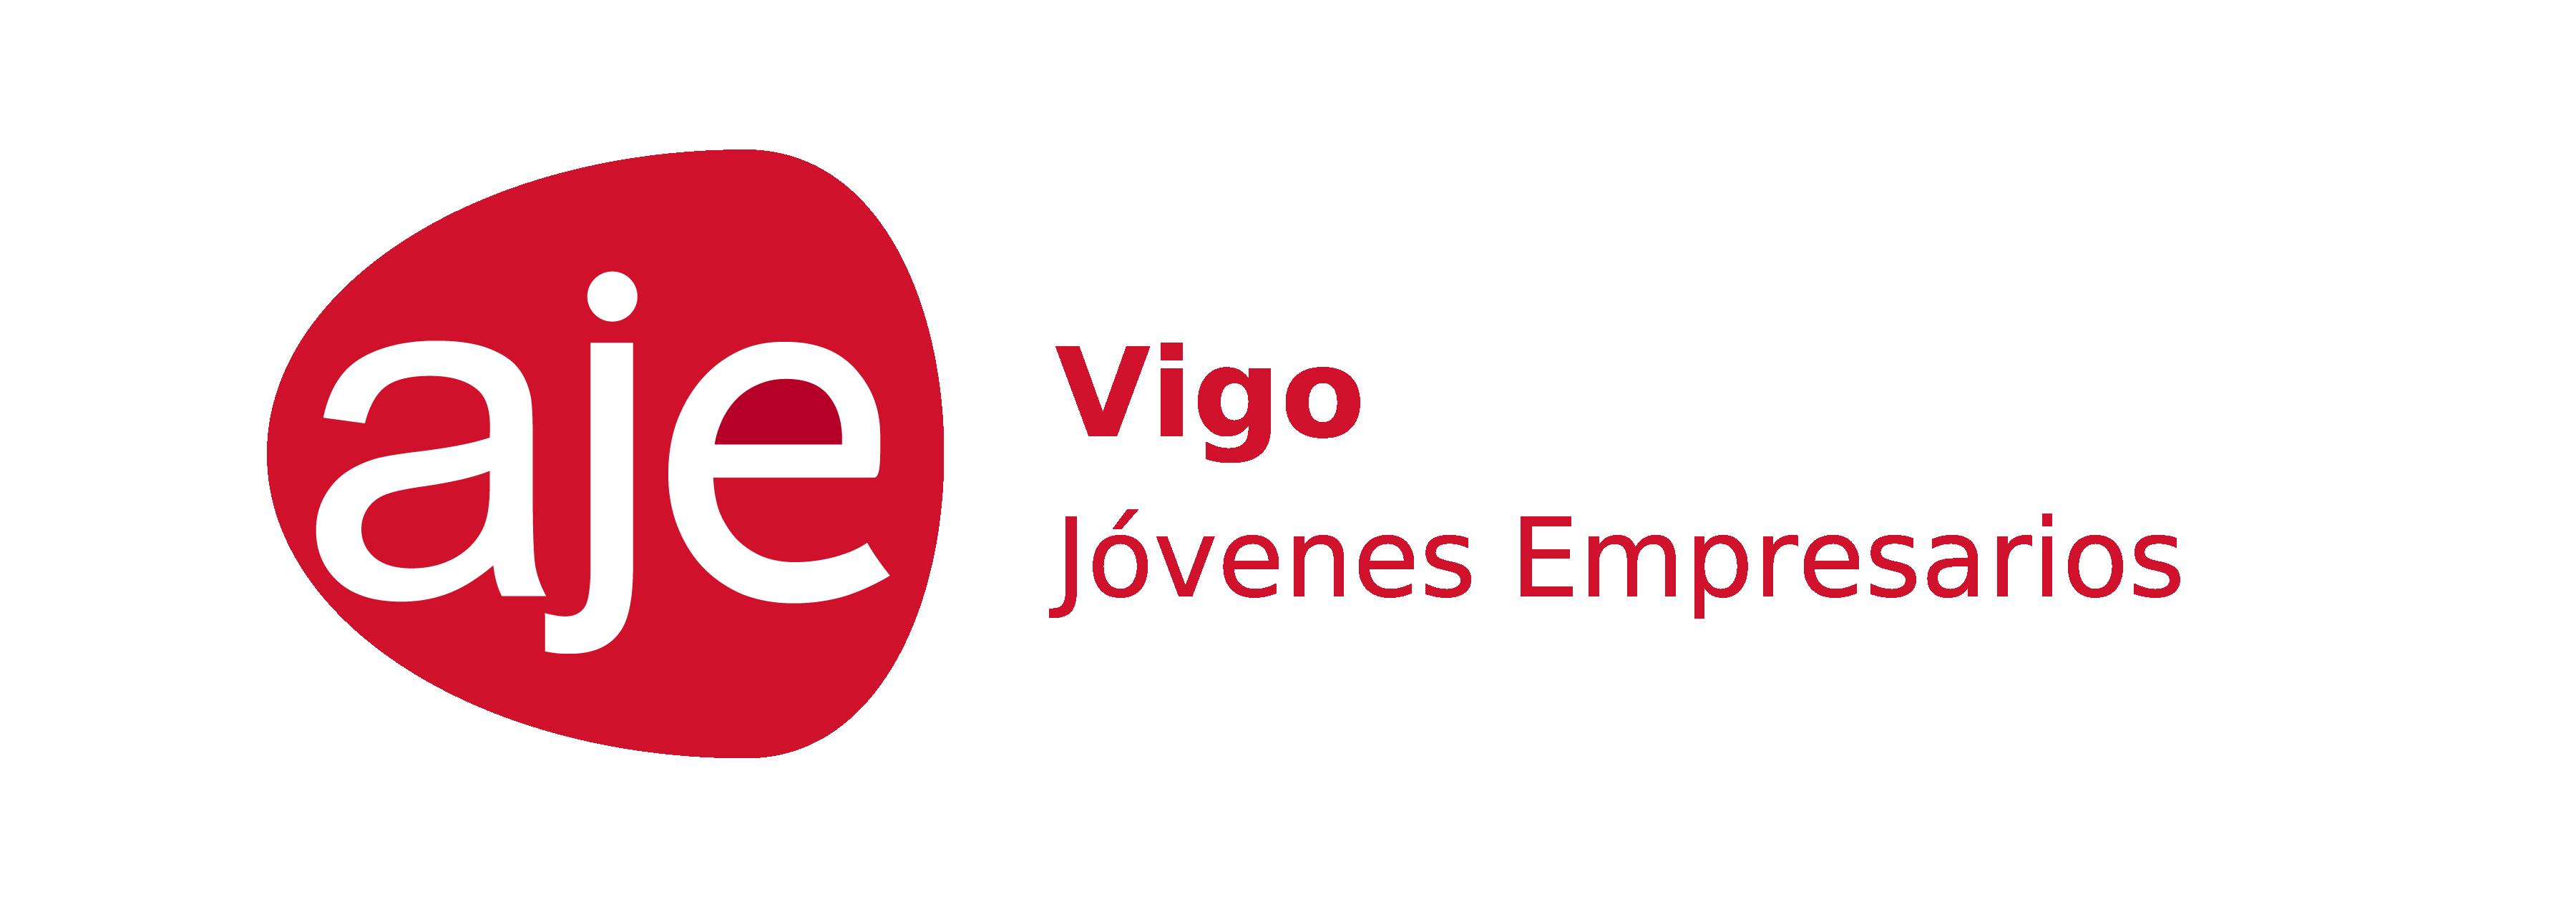 aje_vigo